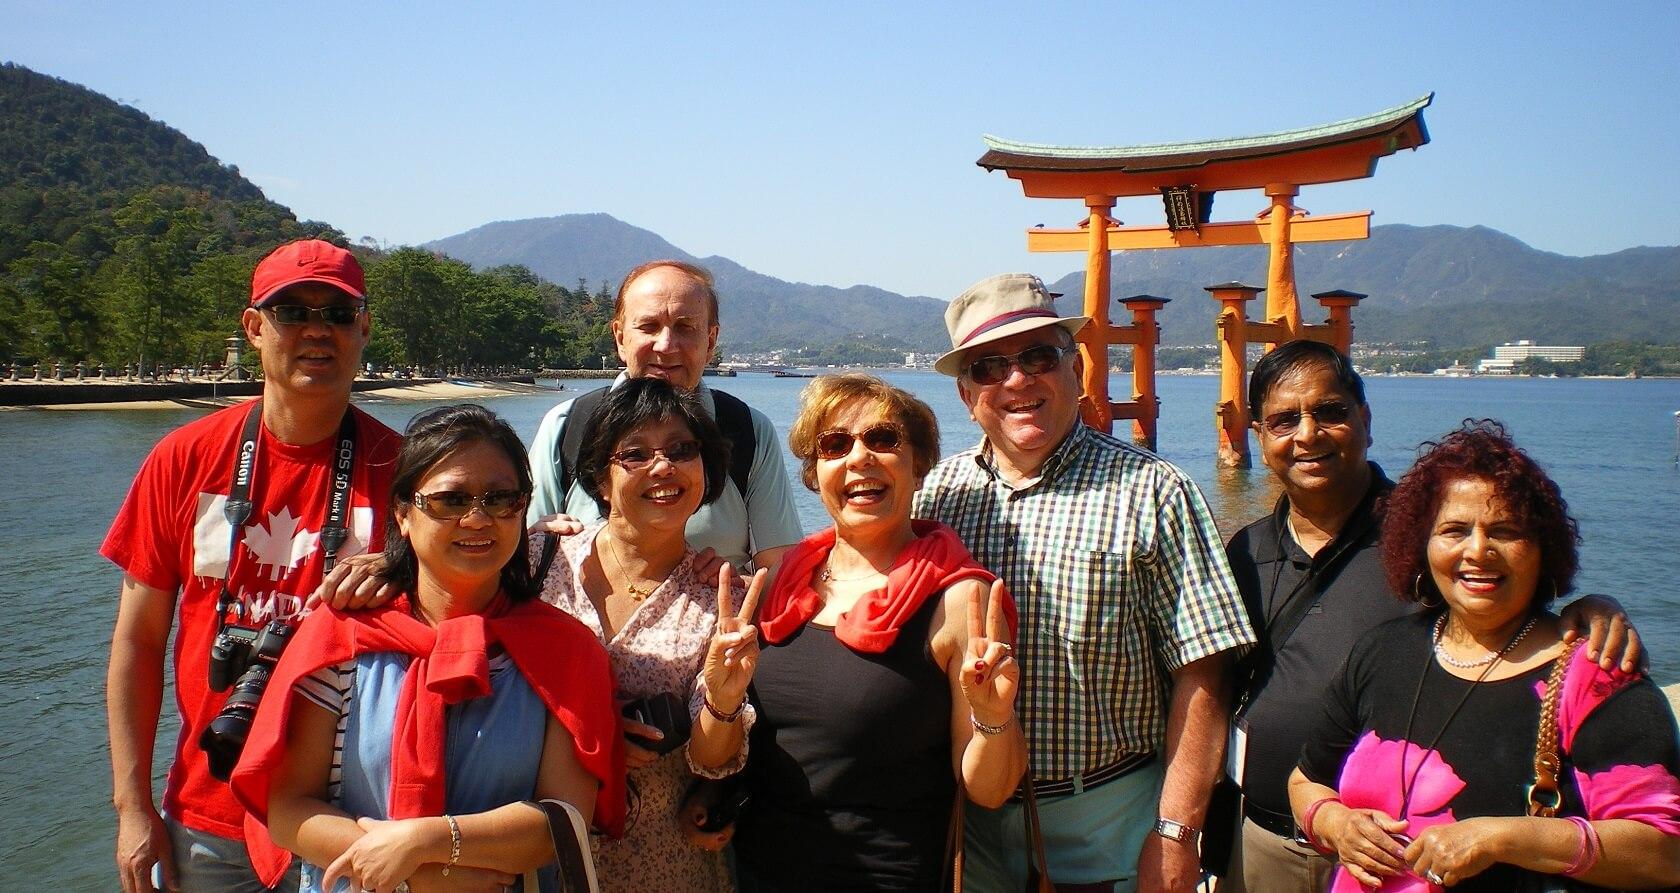 Hiroshima Miyajima Shrine Patrons